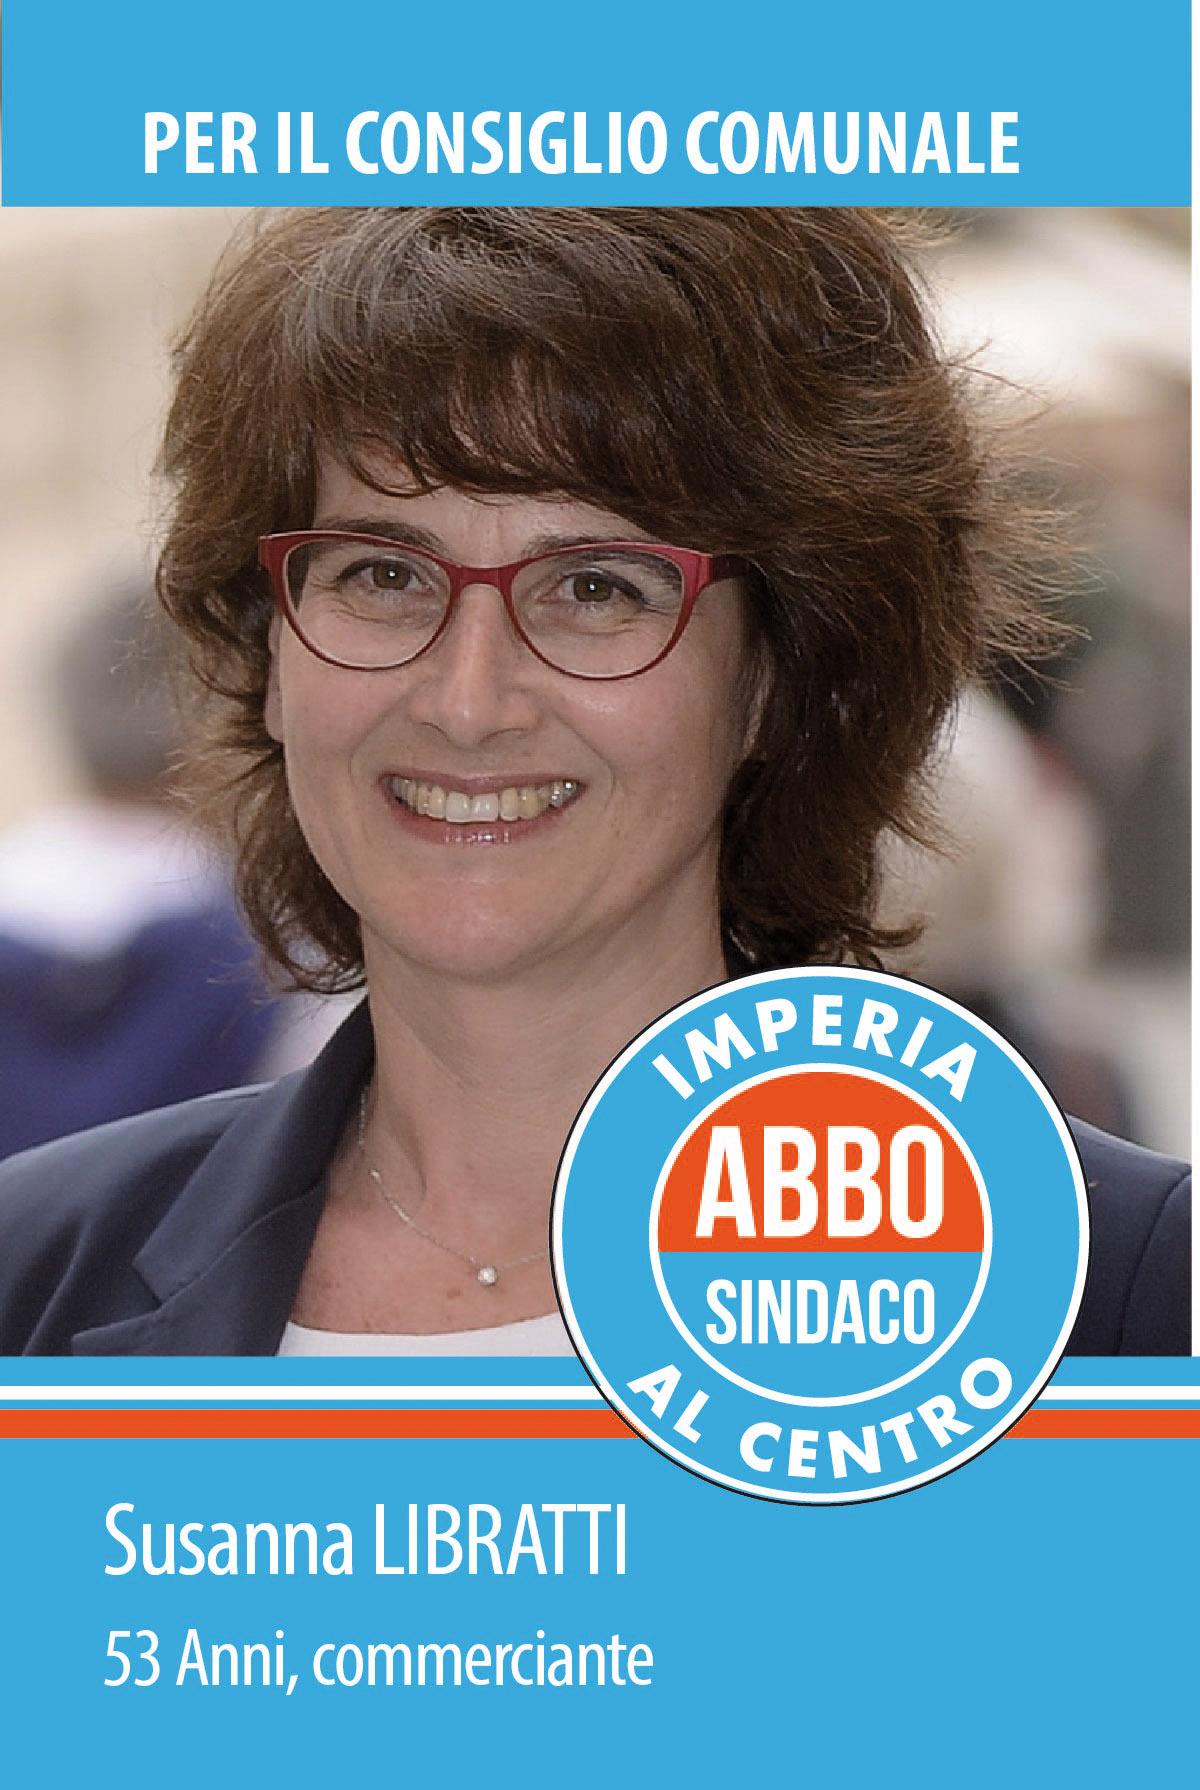 Susanna LIBRATTI